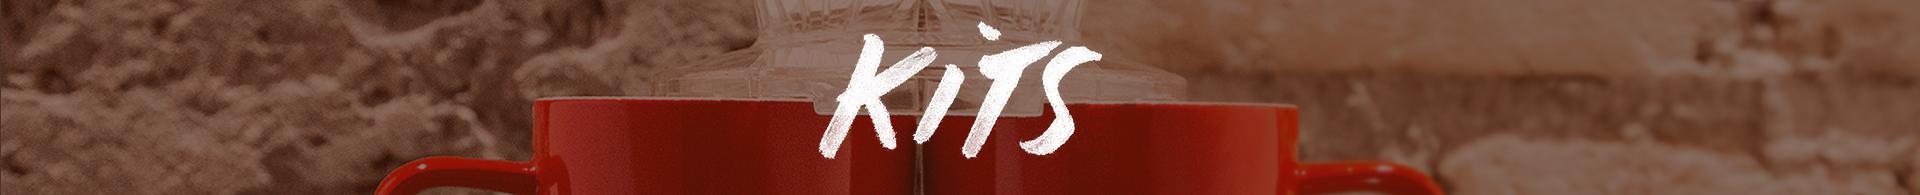 Testeira Kits